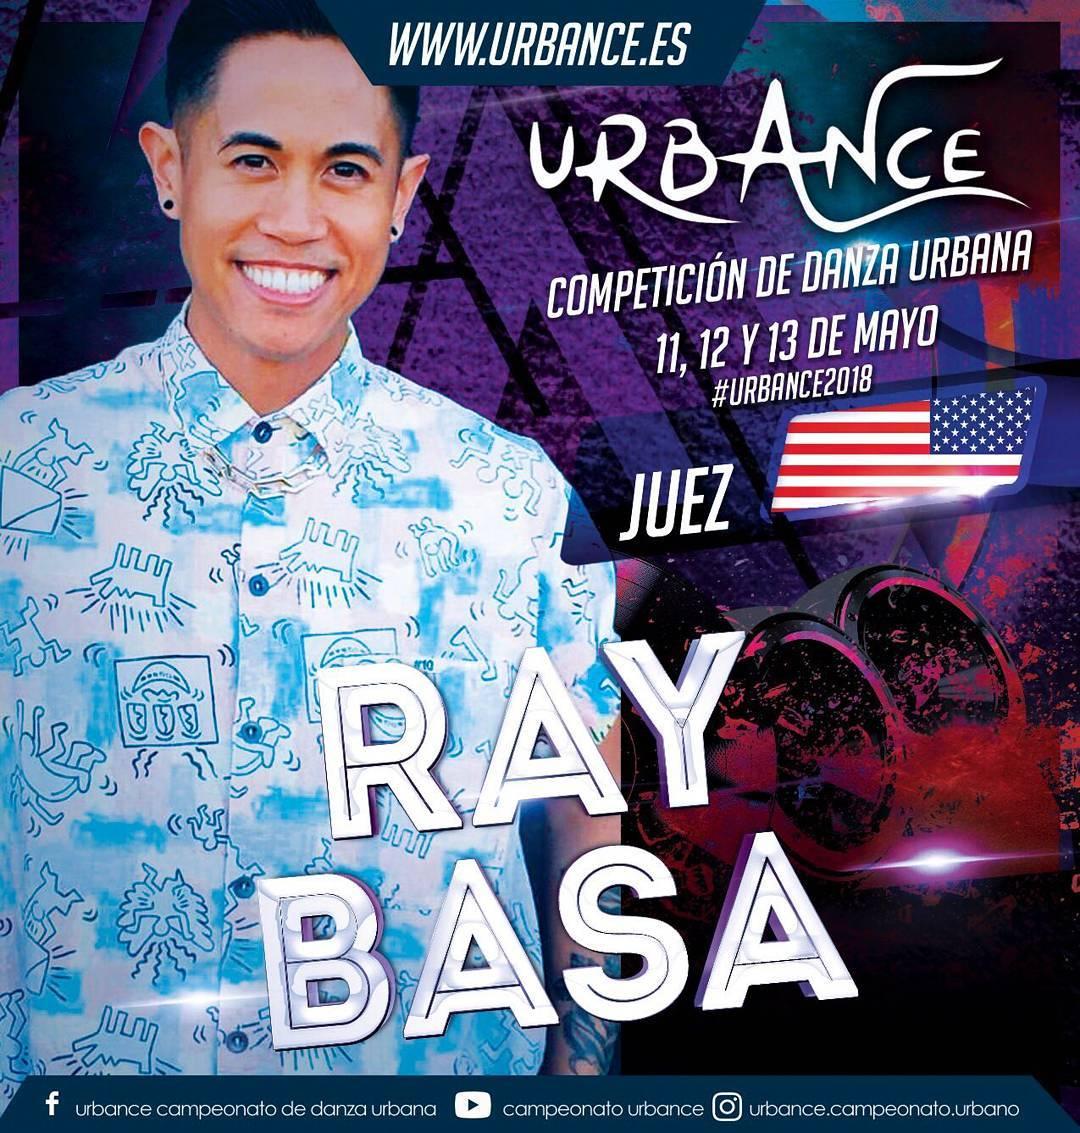 Ray Basa